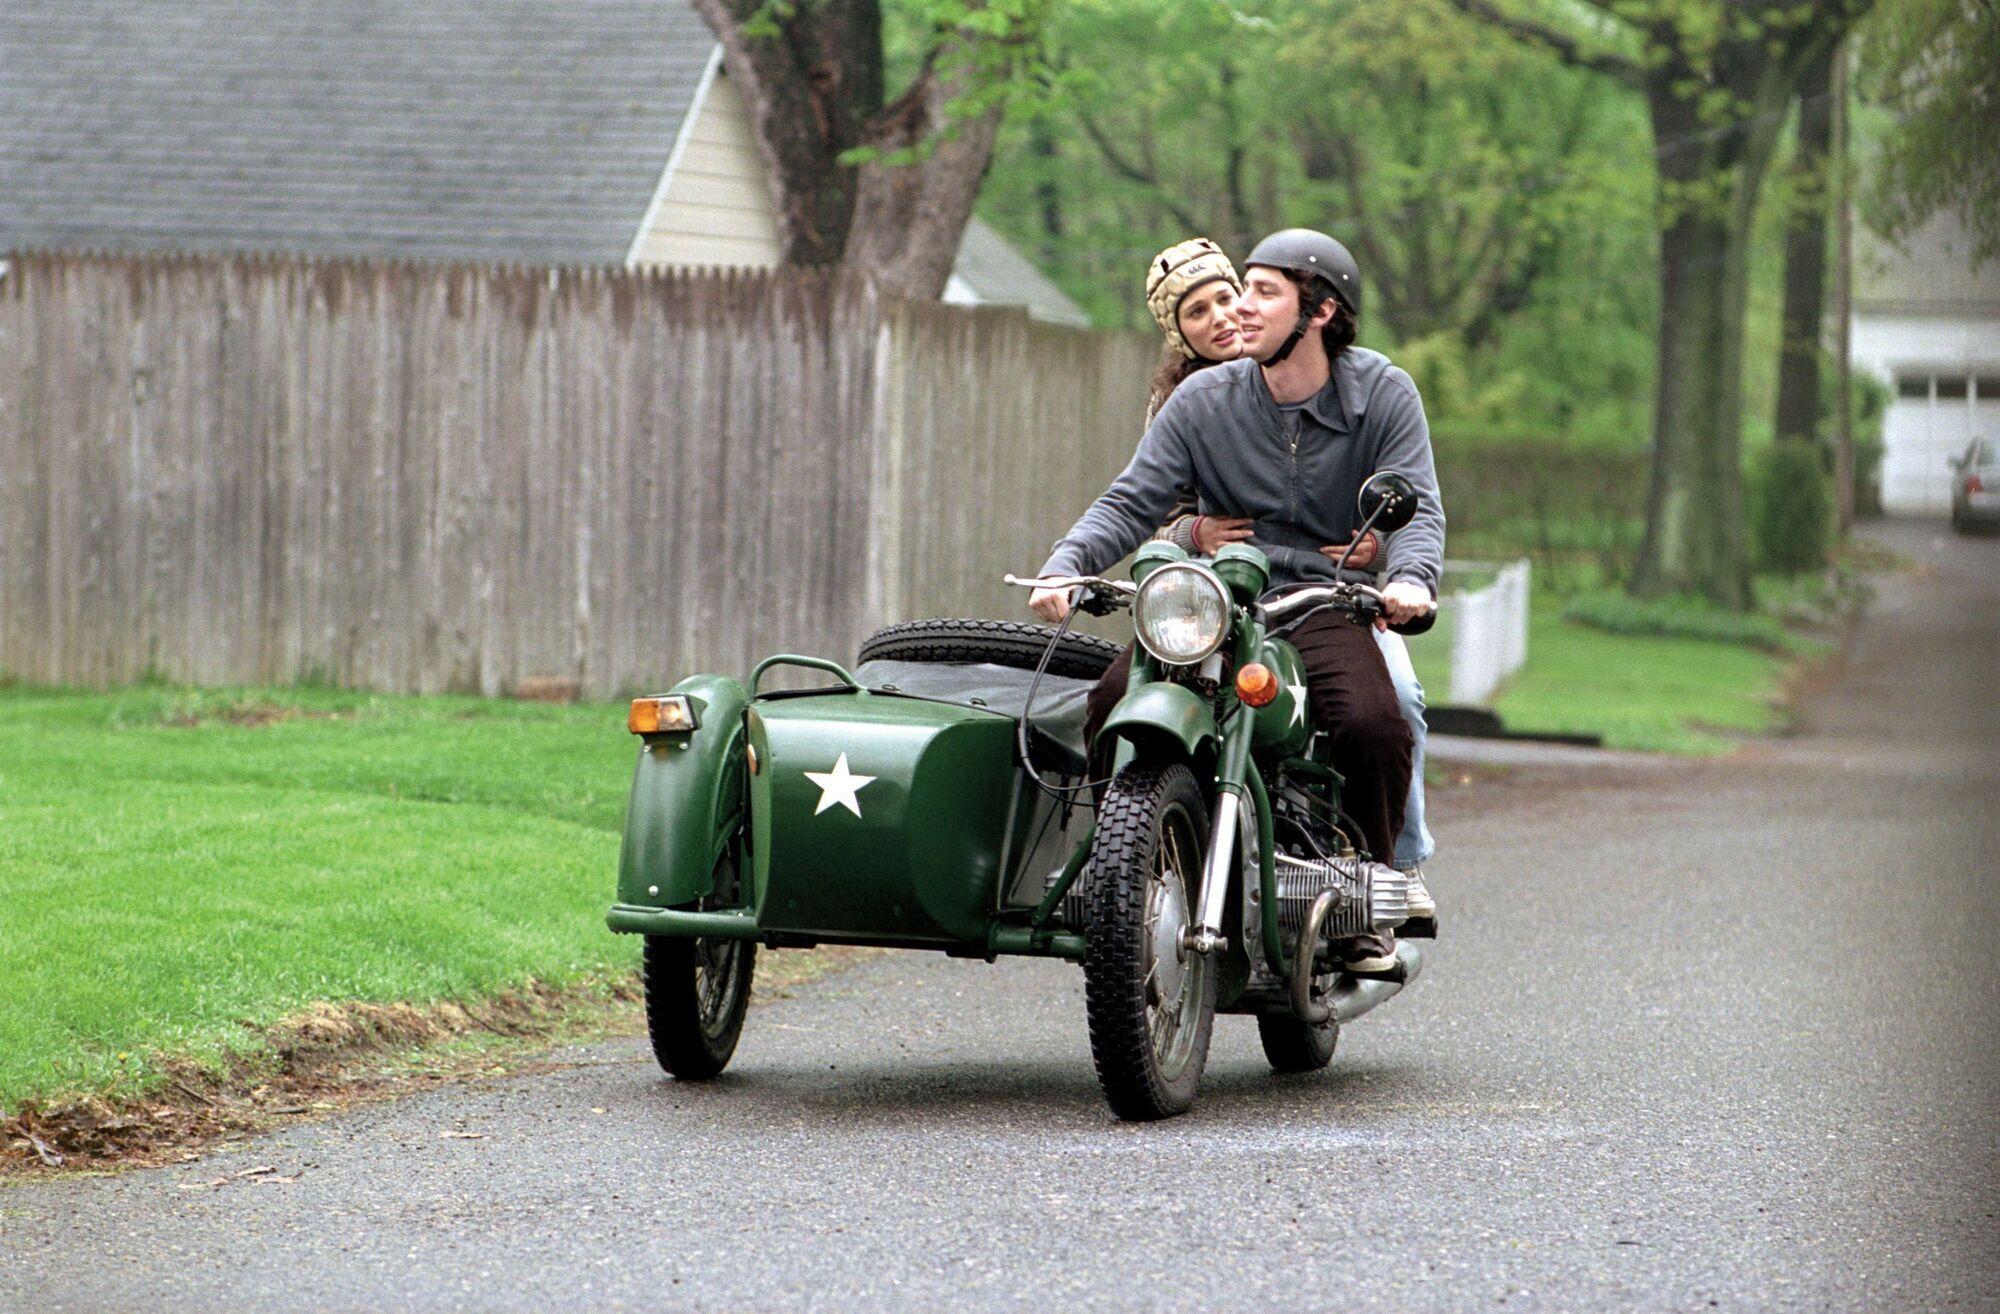 Зак Брафф и Натали Портман на мотоцикле Днепр-12.